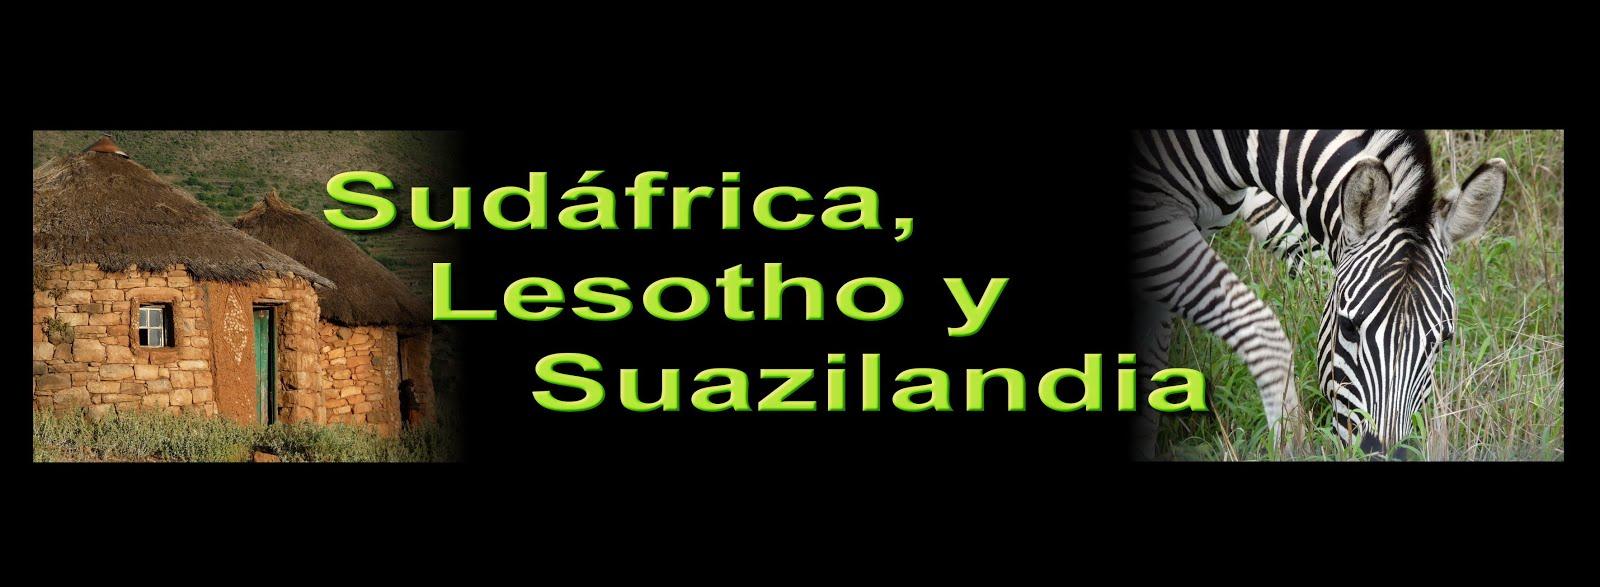 Sudáfrica, Lesotho y Suazilandia.